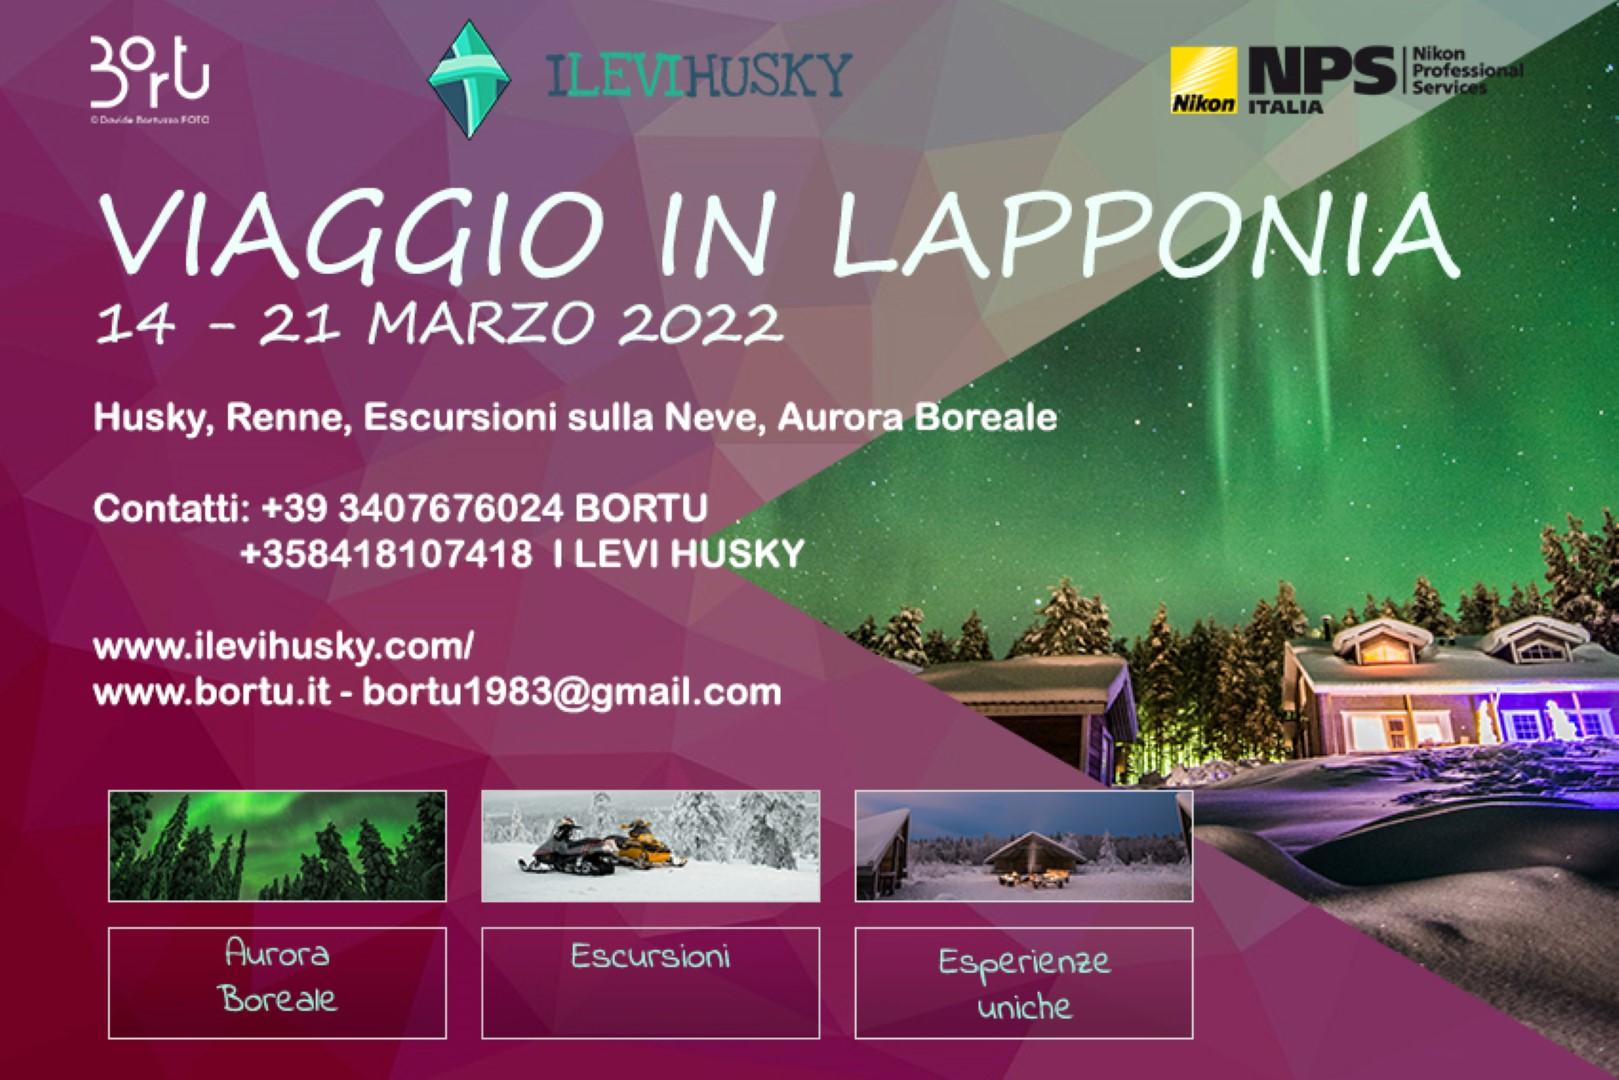 Viaggio Lapponia 2022